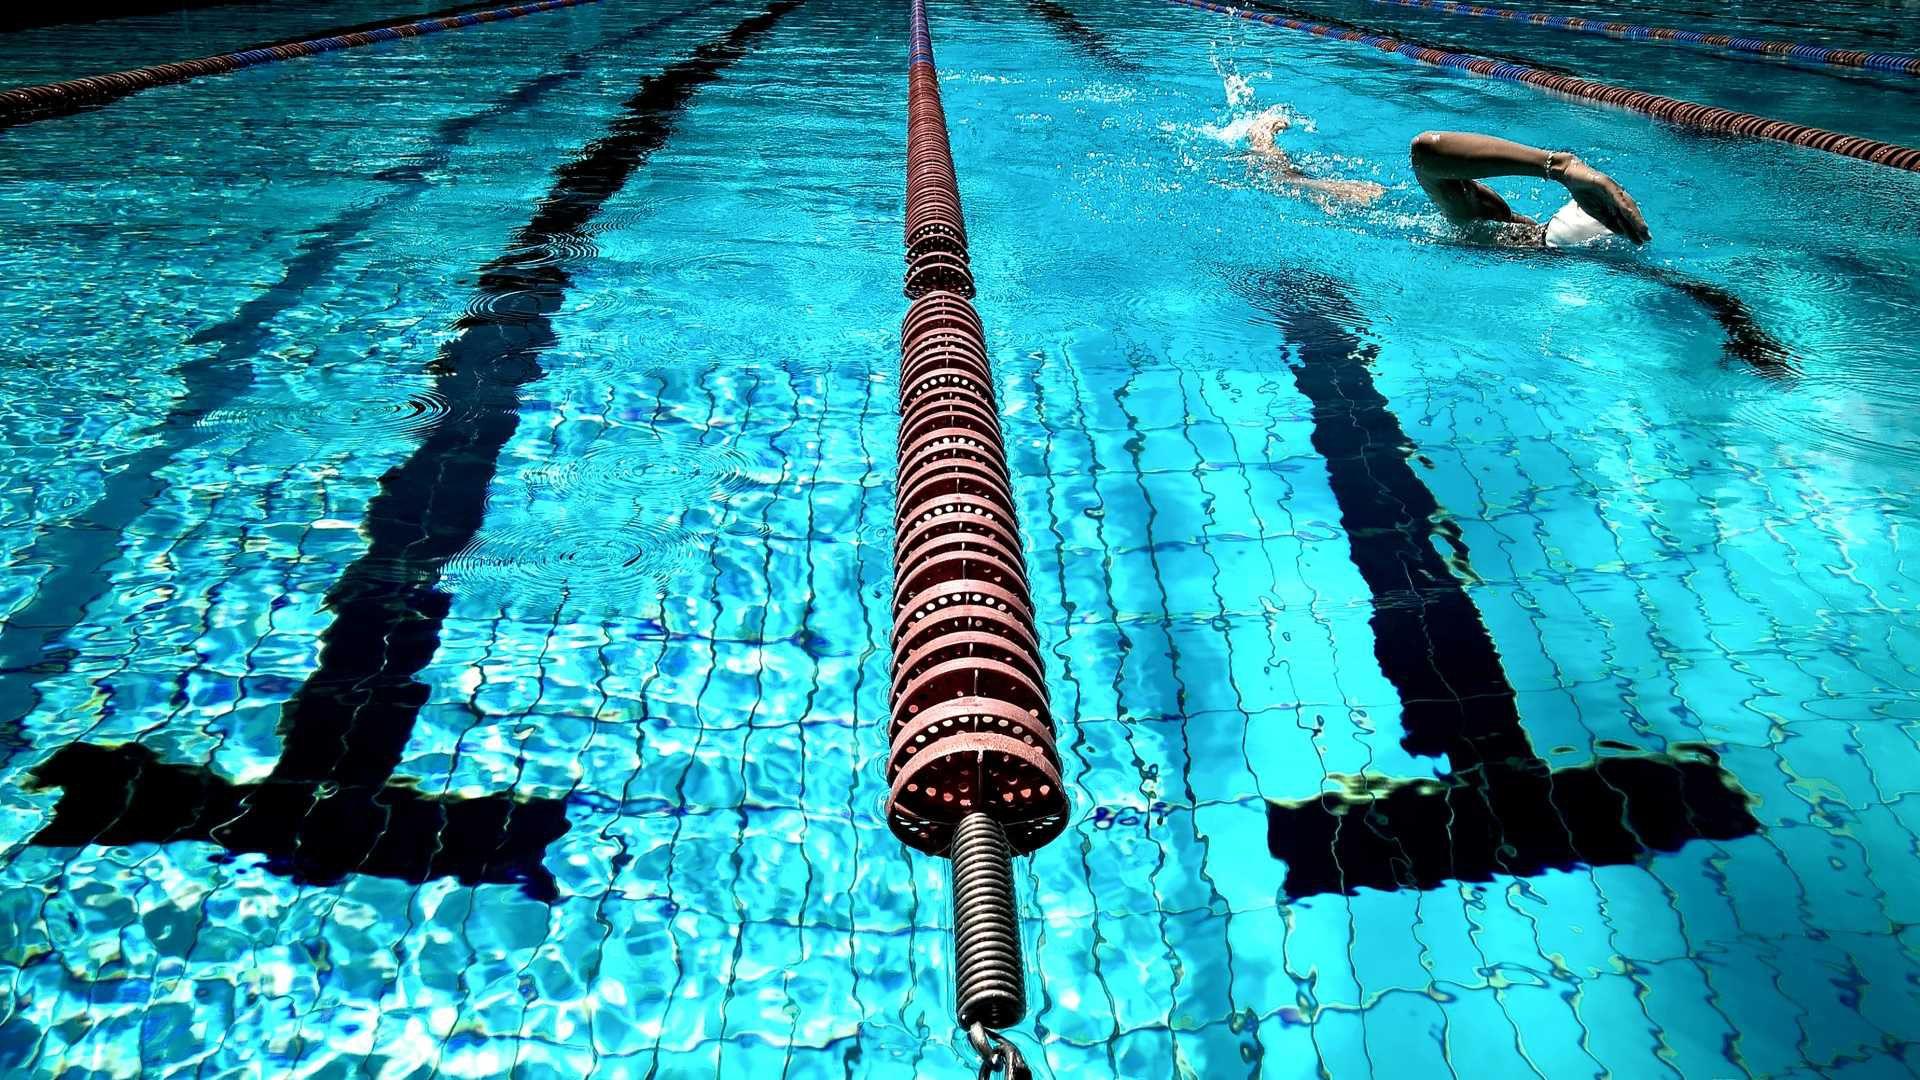 Zwembad regels